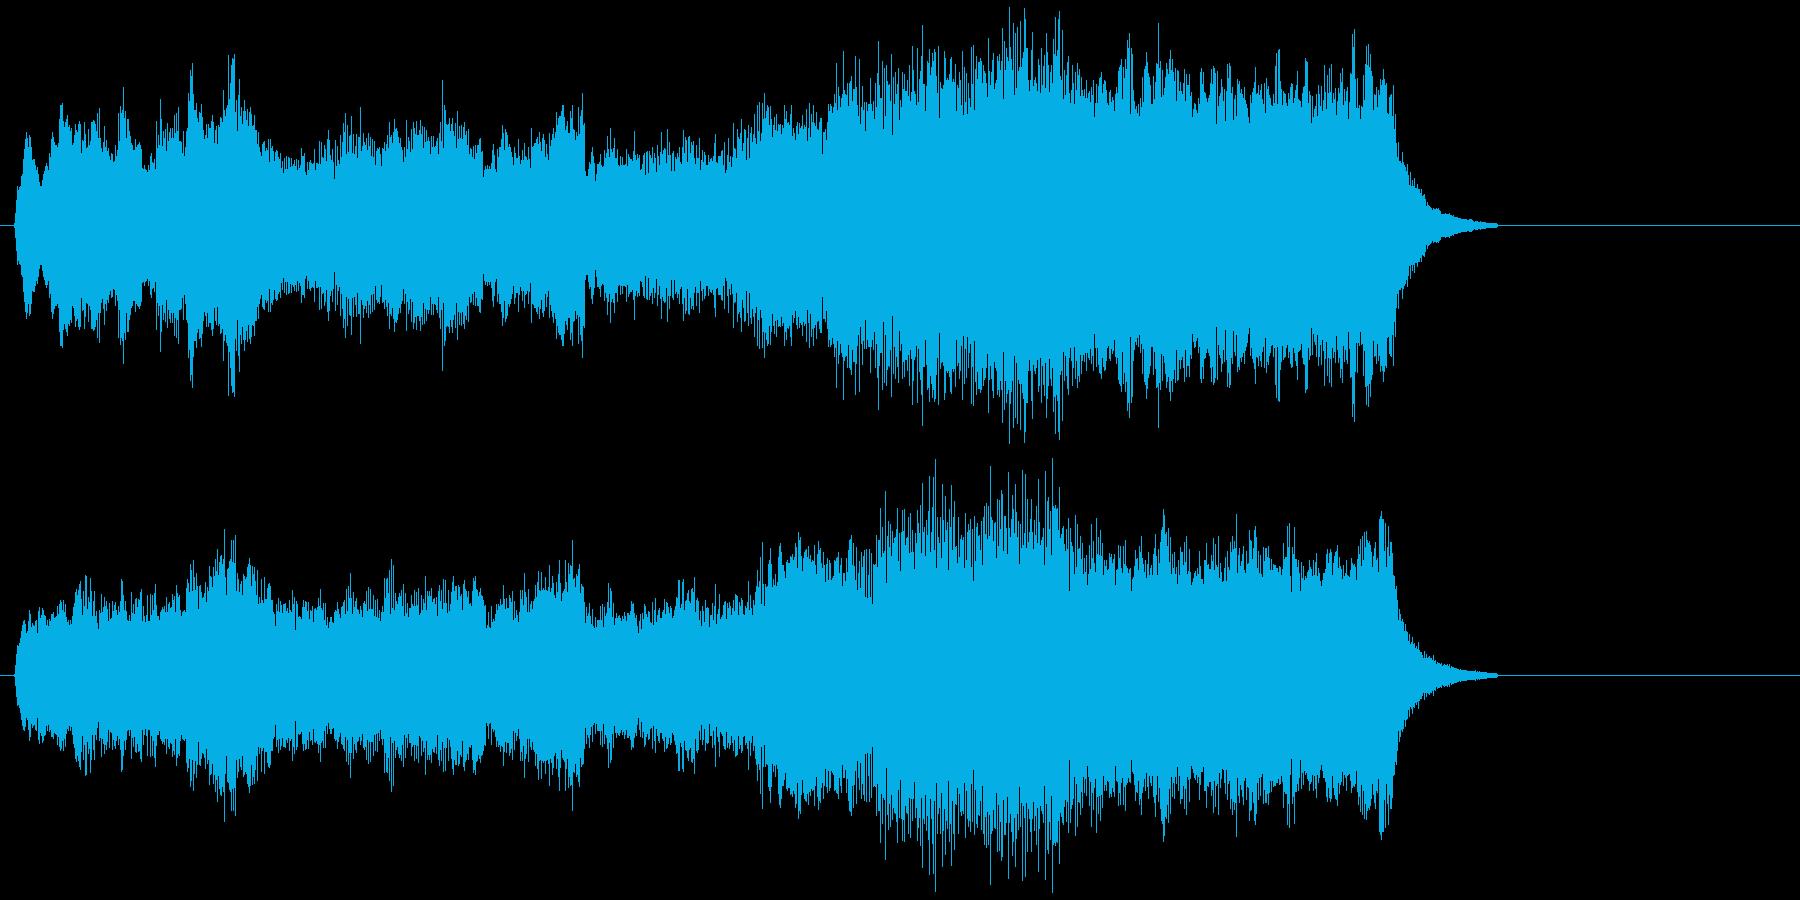 エレクトーンによる荘厳なショートバラードの再生済みの波形